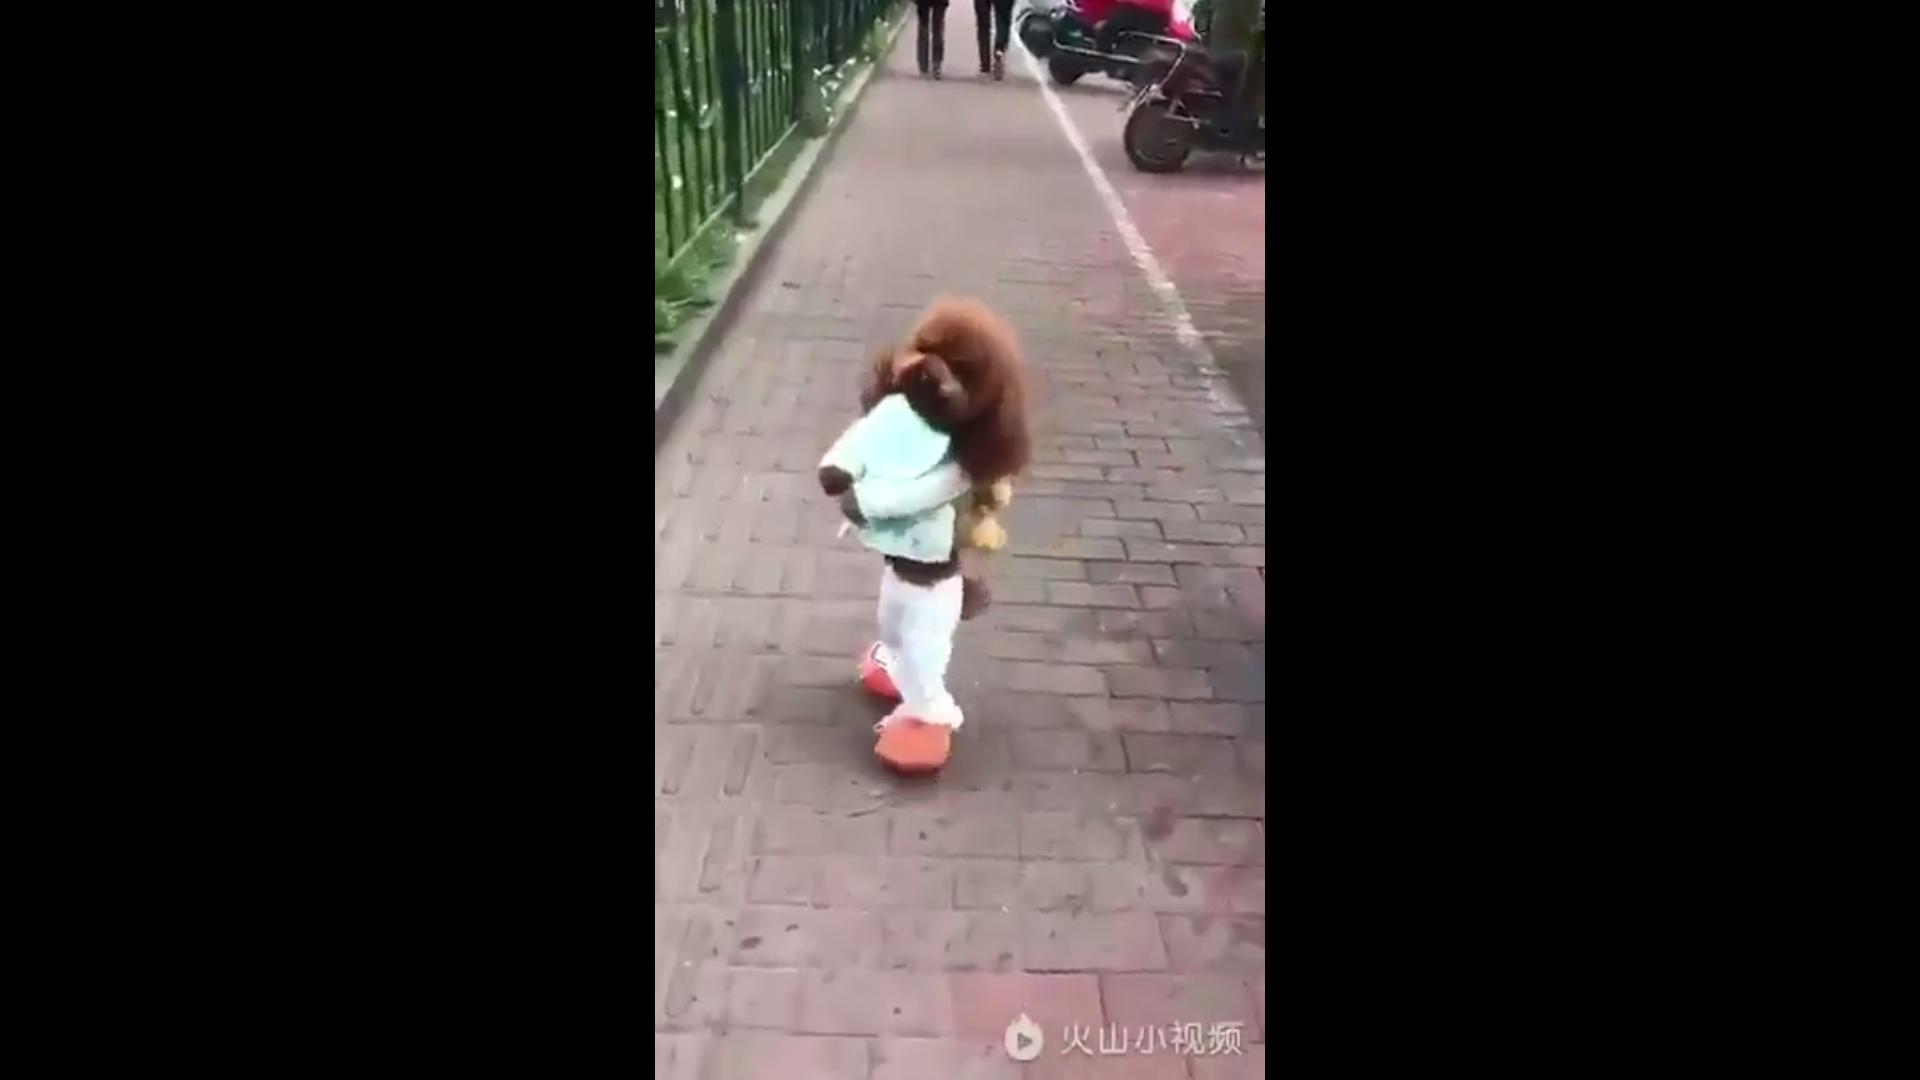 Dou Dou es un perro poodle que puede caminar en sus dos patas traseras